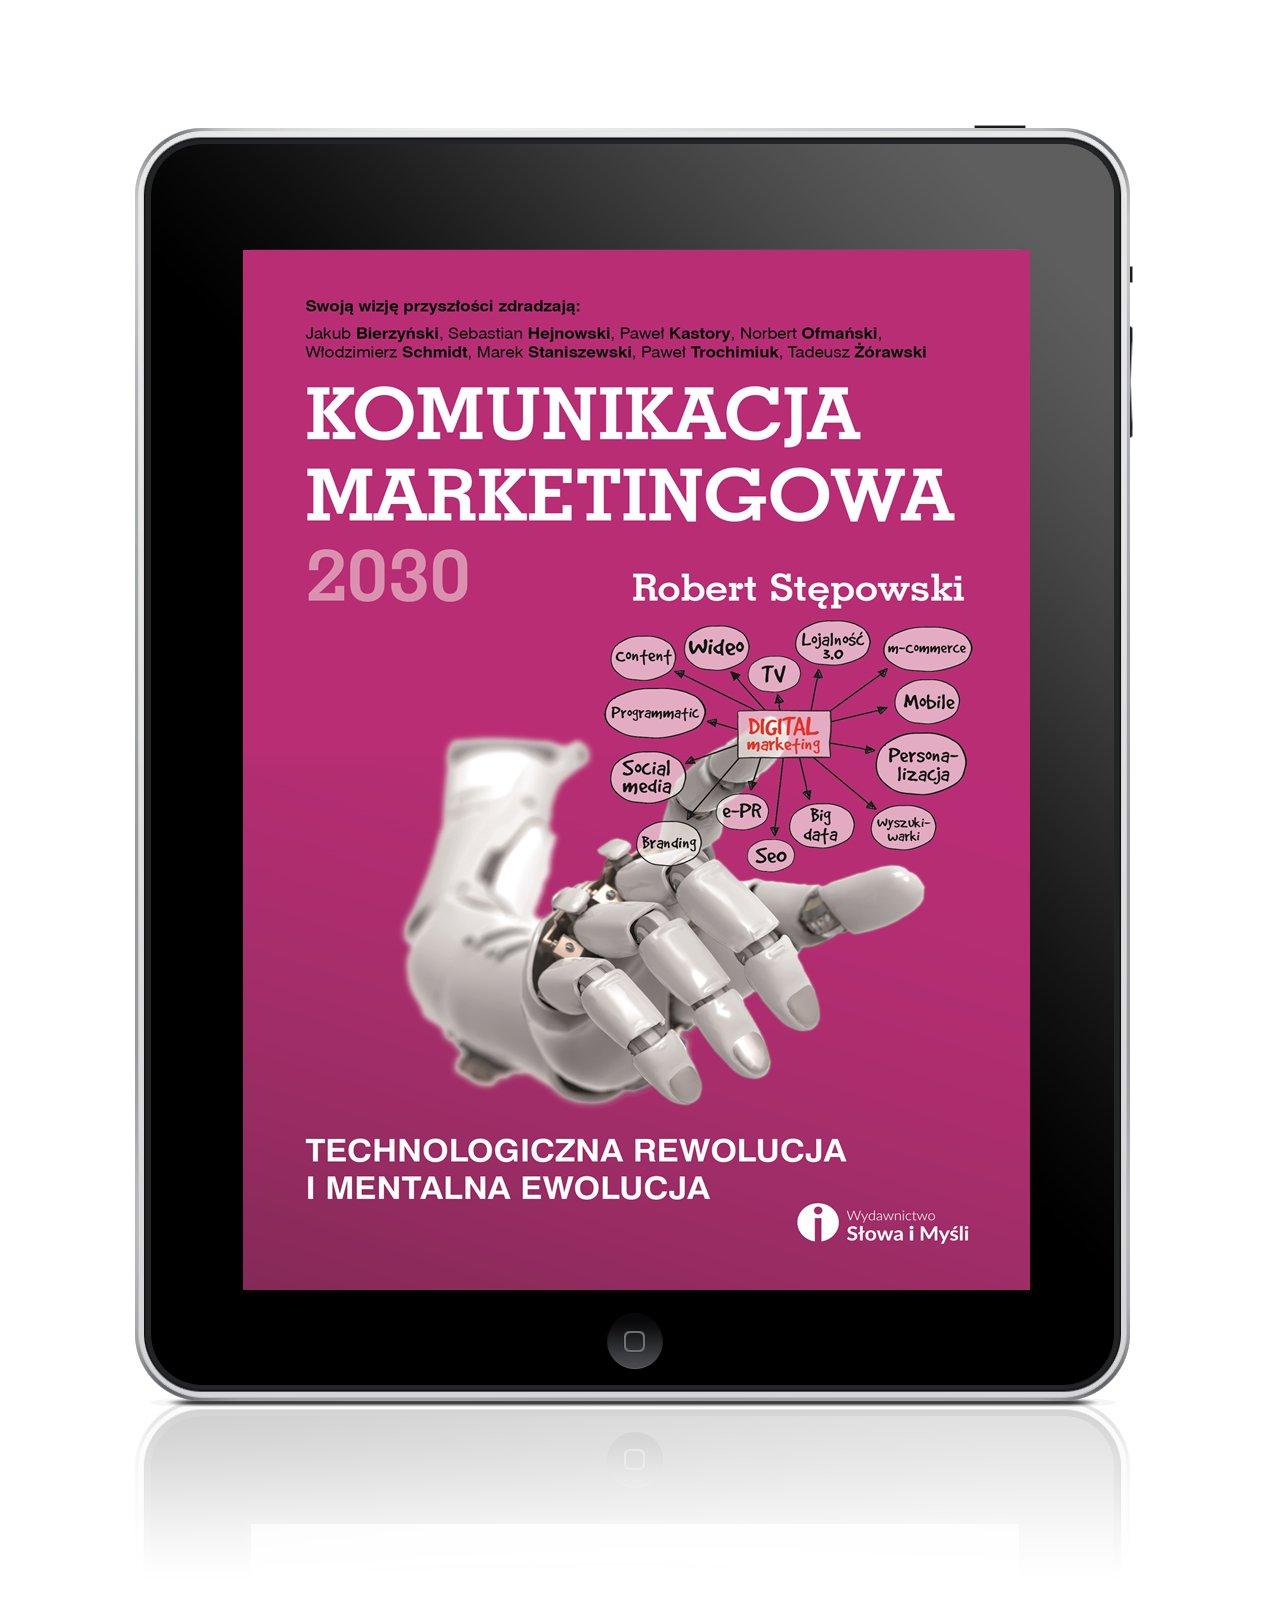 Komunikacja marketingowa 2030. Technologiczna rewolucja i mentalna ewolucja - Ebook (Książka na Kindle) do pobrania w formacie MOBI